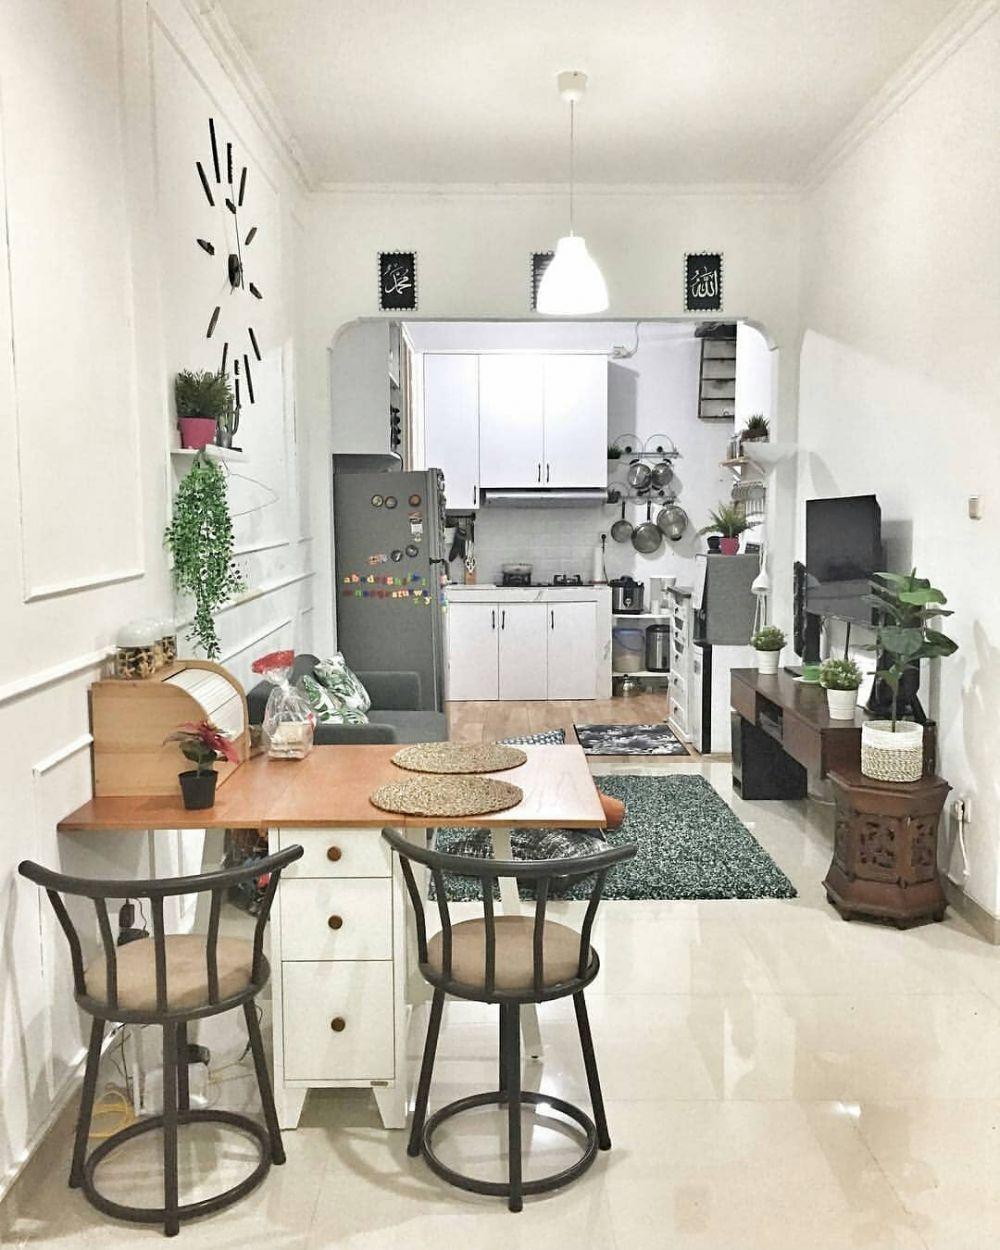 Desain Ruang Makan Minimalis di 2020 Desain ruang makan